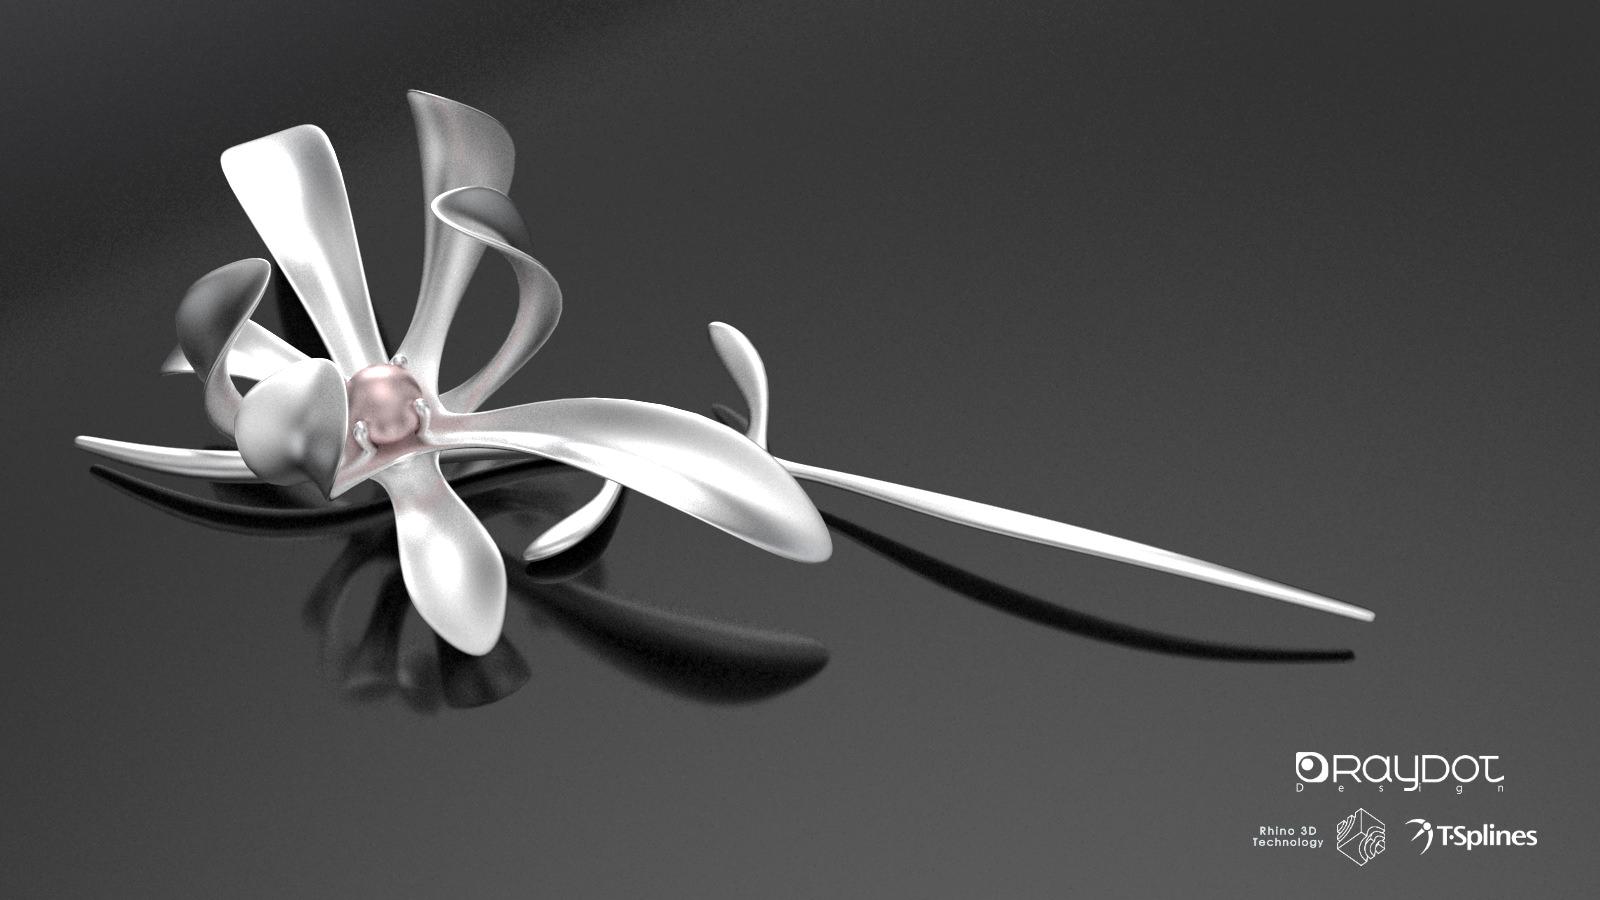 廖瑞堂老師介紹—3D立體雕塑課程